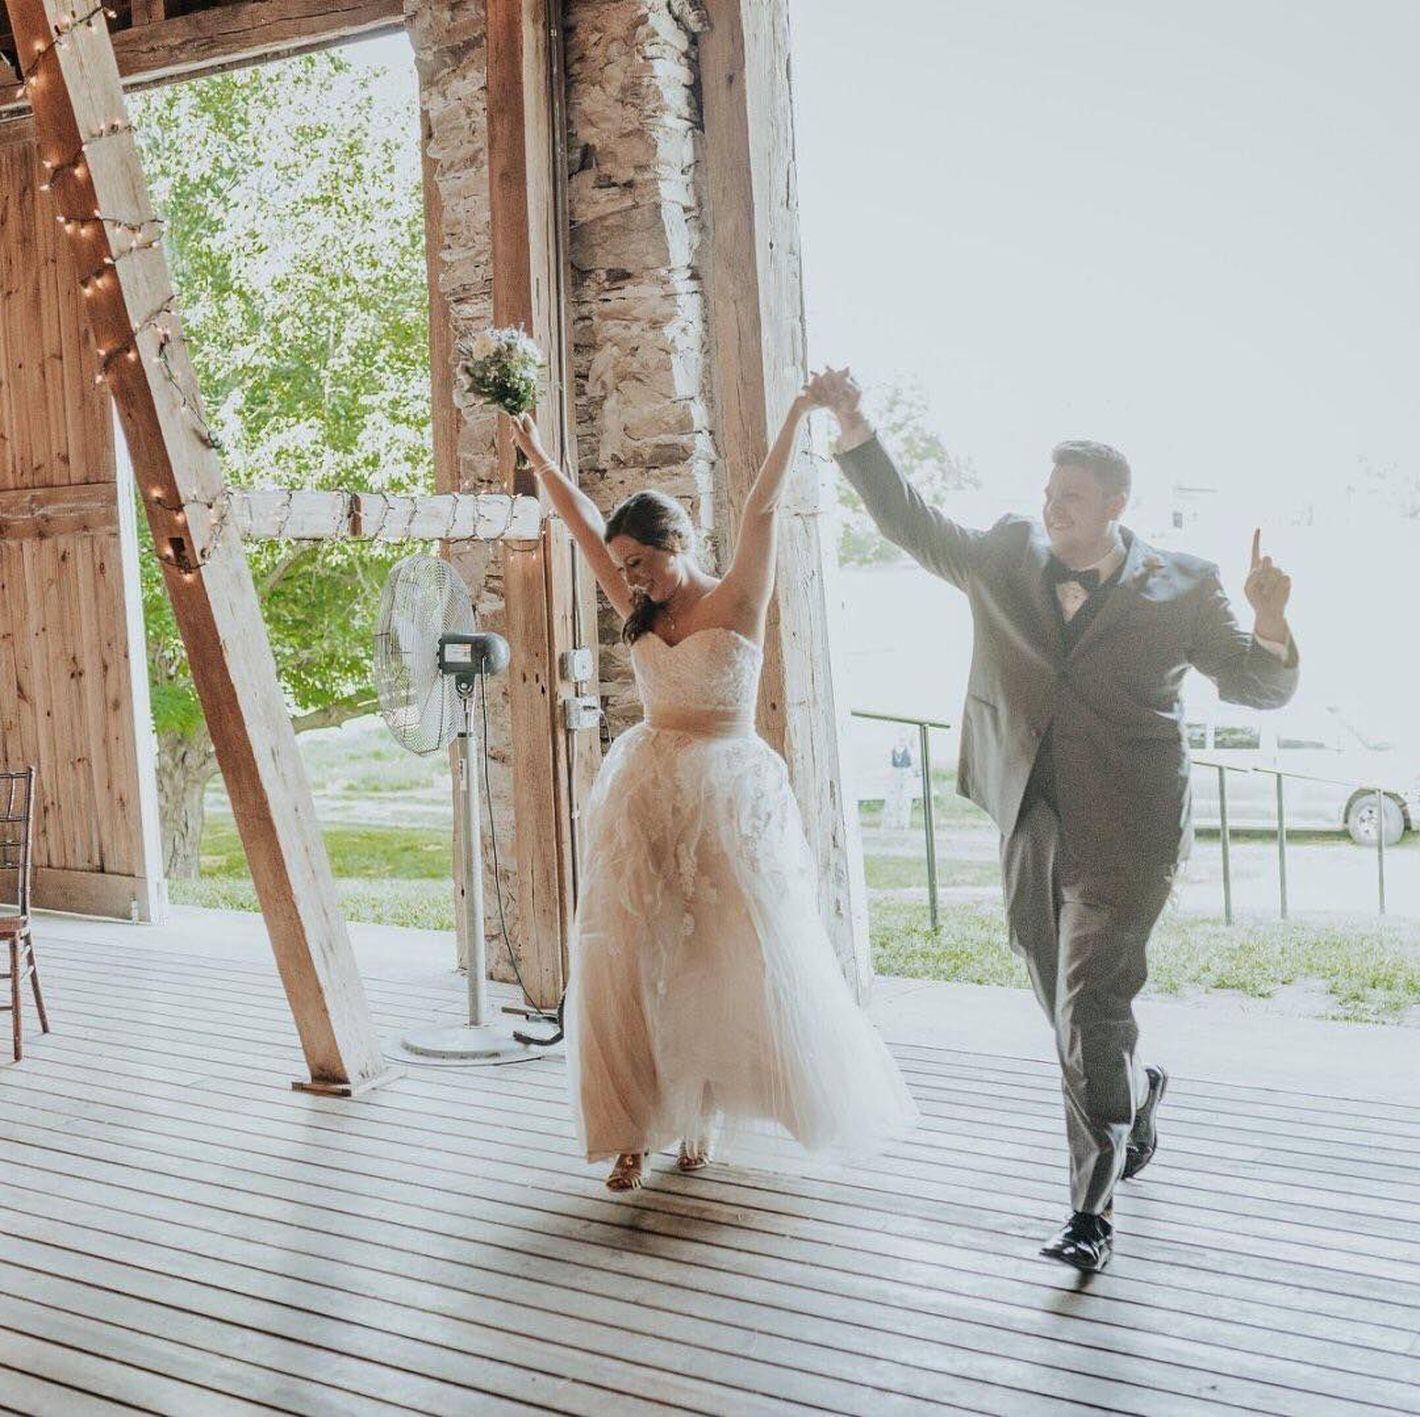 - Stile 6461: Abito da sposa con scollatura a cuore con applicazioni in pizzo decorate con lustrini e perline